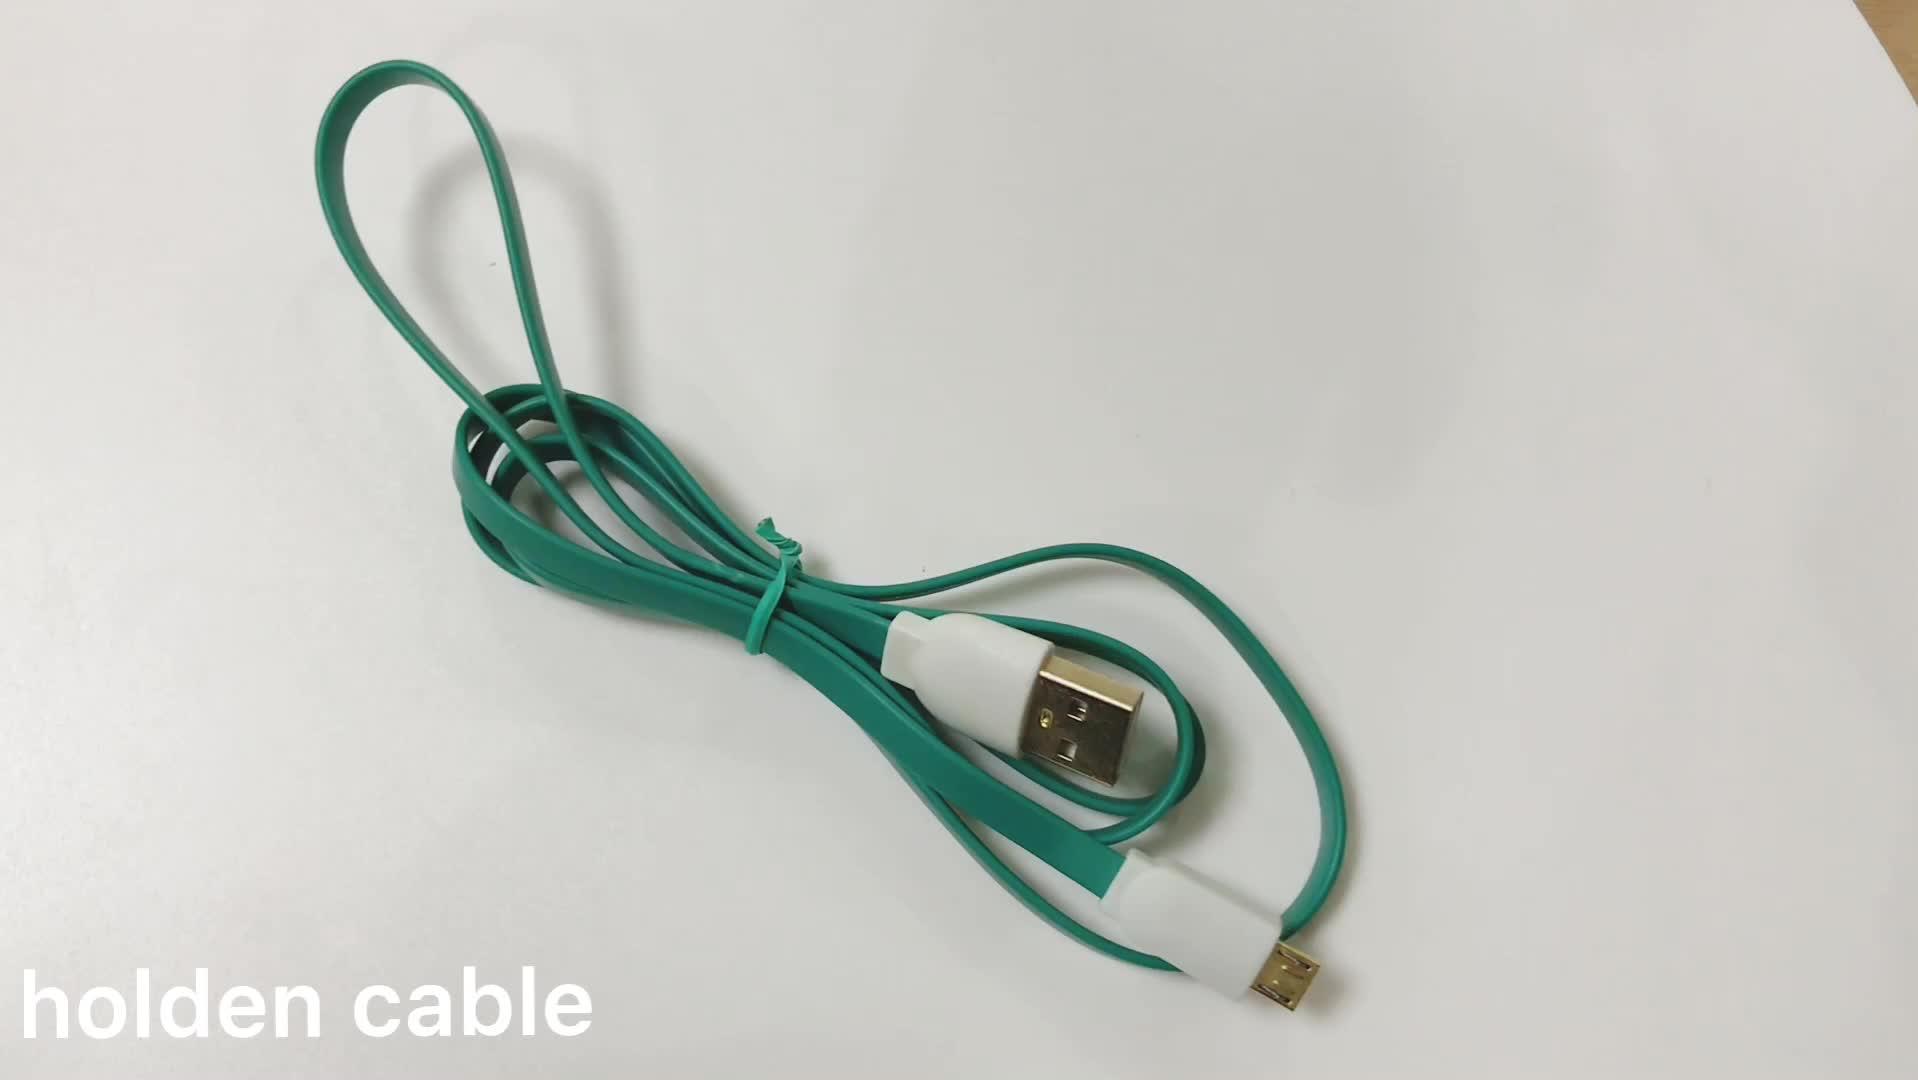 Super velocidade pequena usb tipo c cabo de extensão 3.0 US002 multi micro poder cabo de carga rápida usb